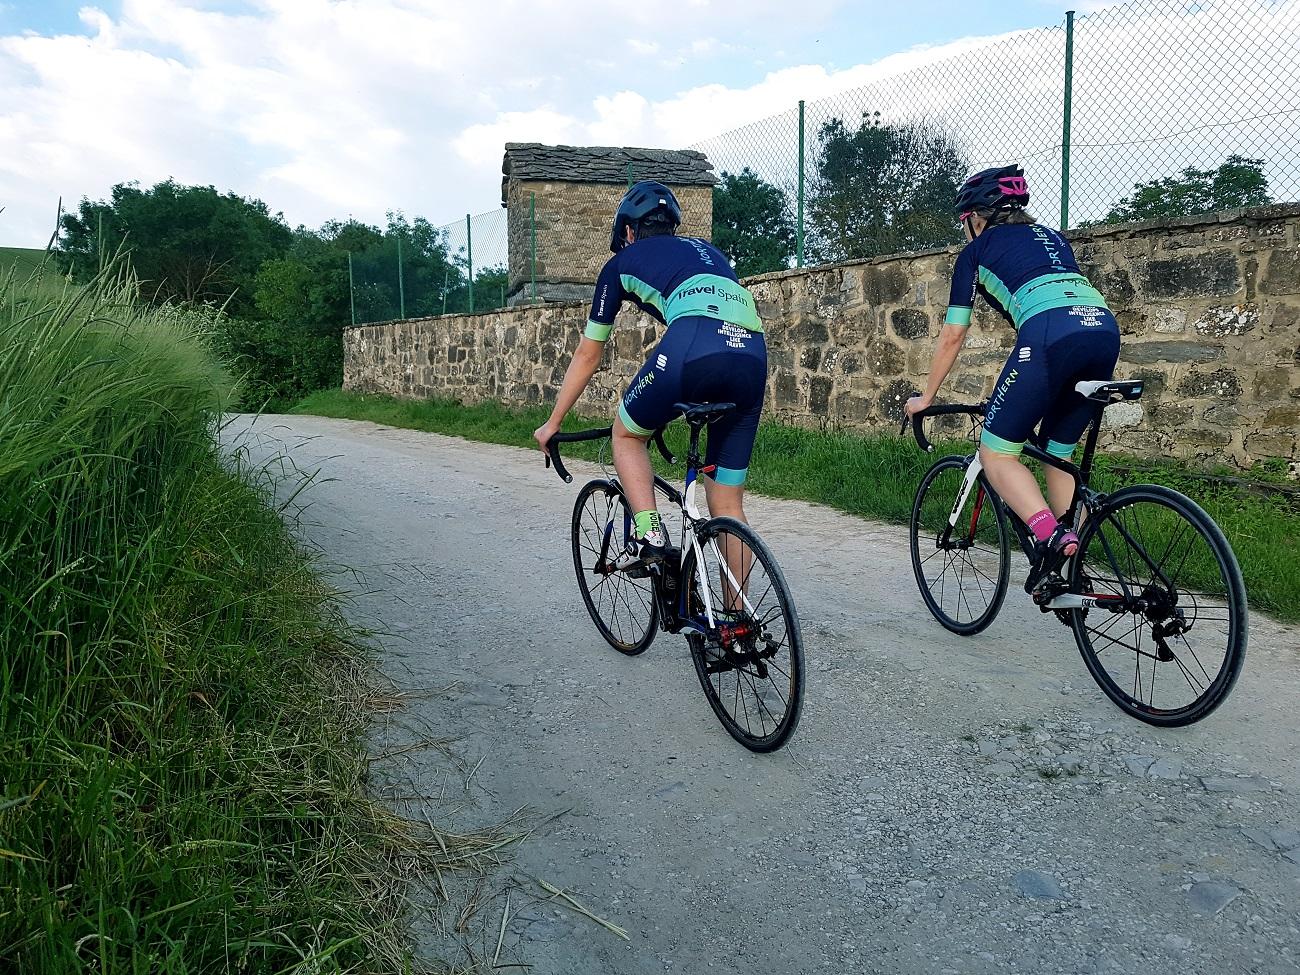 camino de santiago by road bike